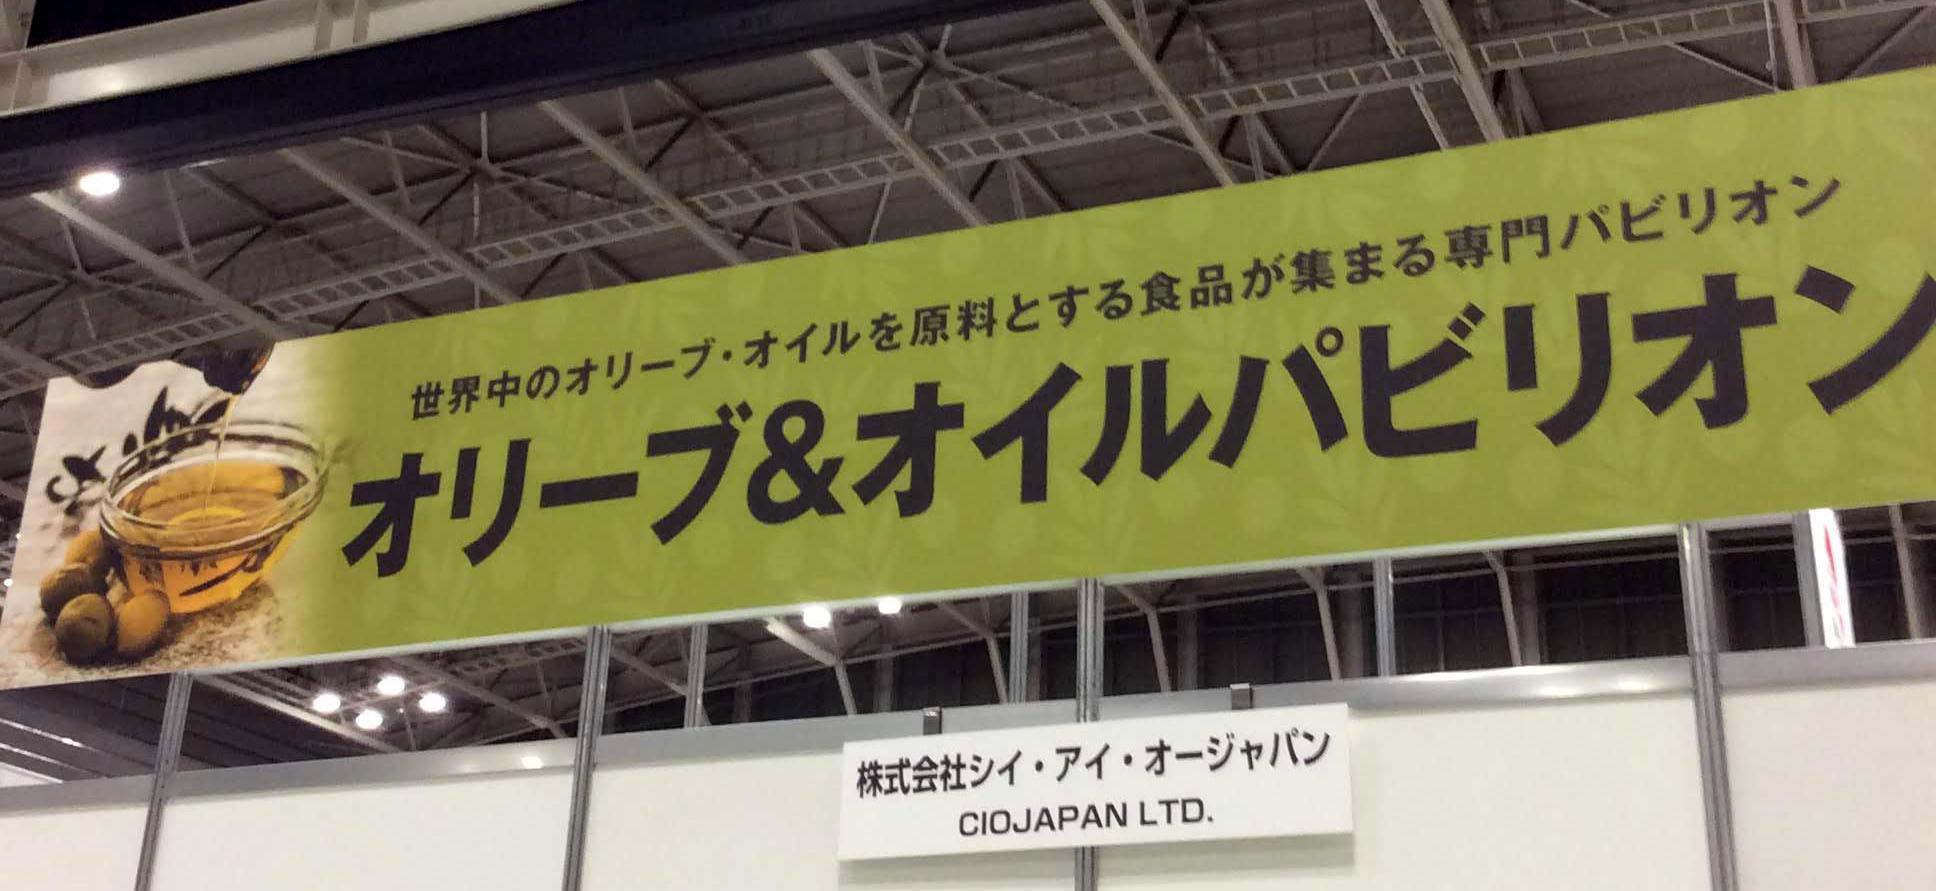 2019/7/3~5 ウェルネスフードジャパン出店いたします(同時開催カフェレスジャパン、お米産業展)_f0214716_10555170.jpg